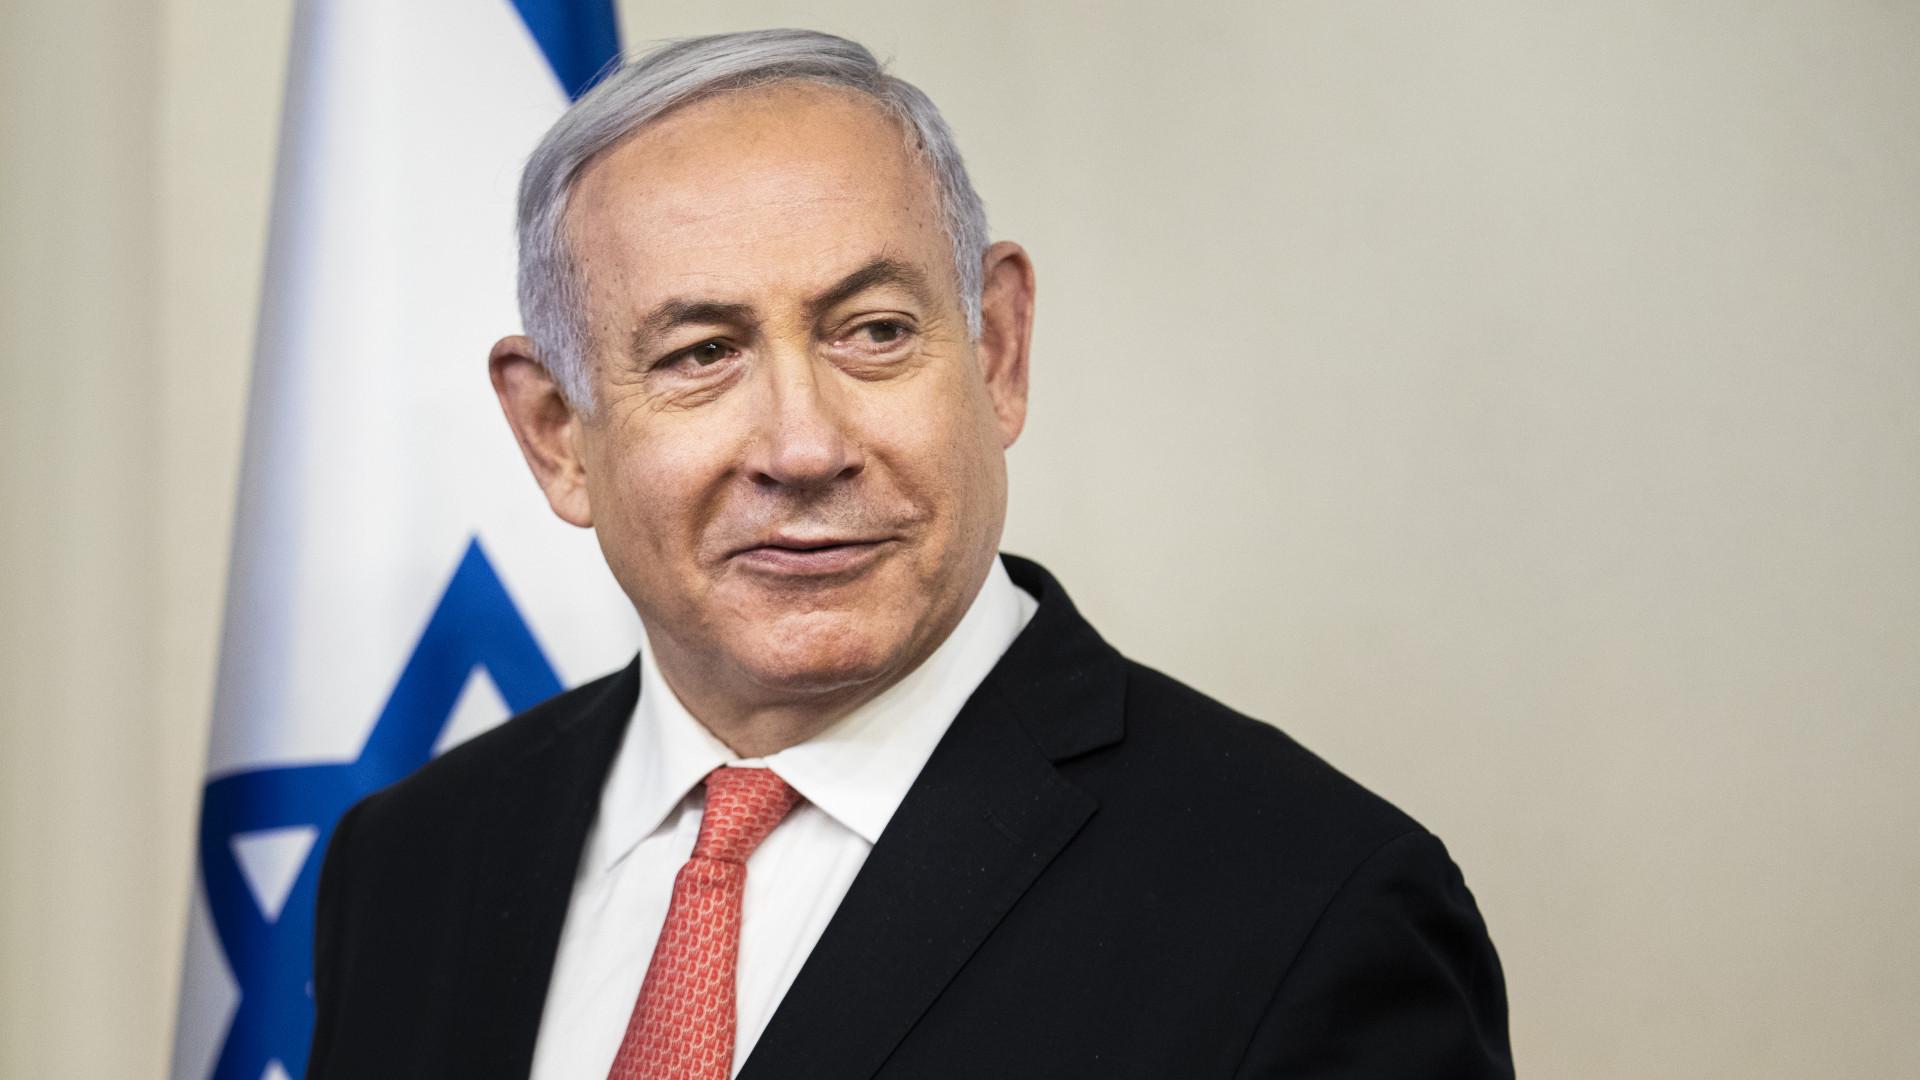 Koronavírus: Izraelben elsőként a miniszterelnököt oltották be